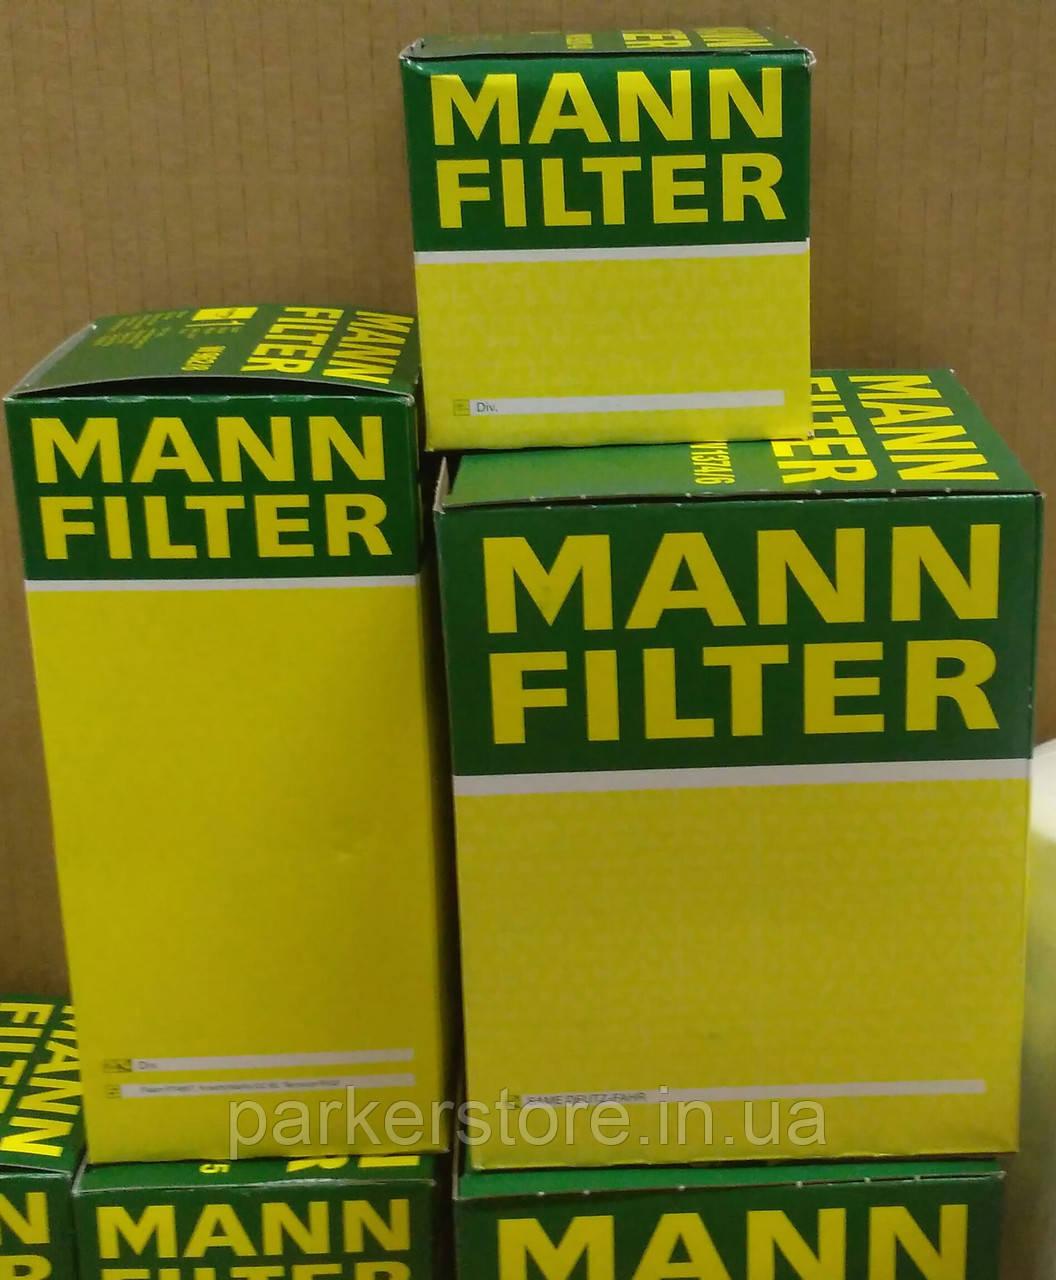 MANN FILTER / Повітряний фільтр / C 27 124 / C27124